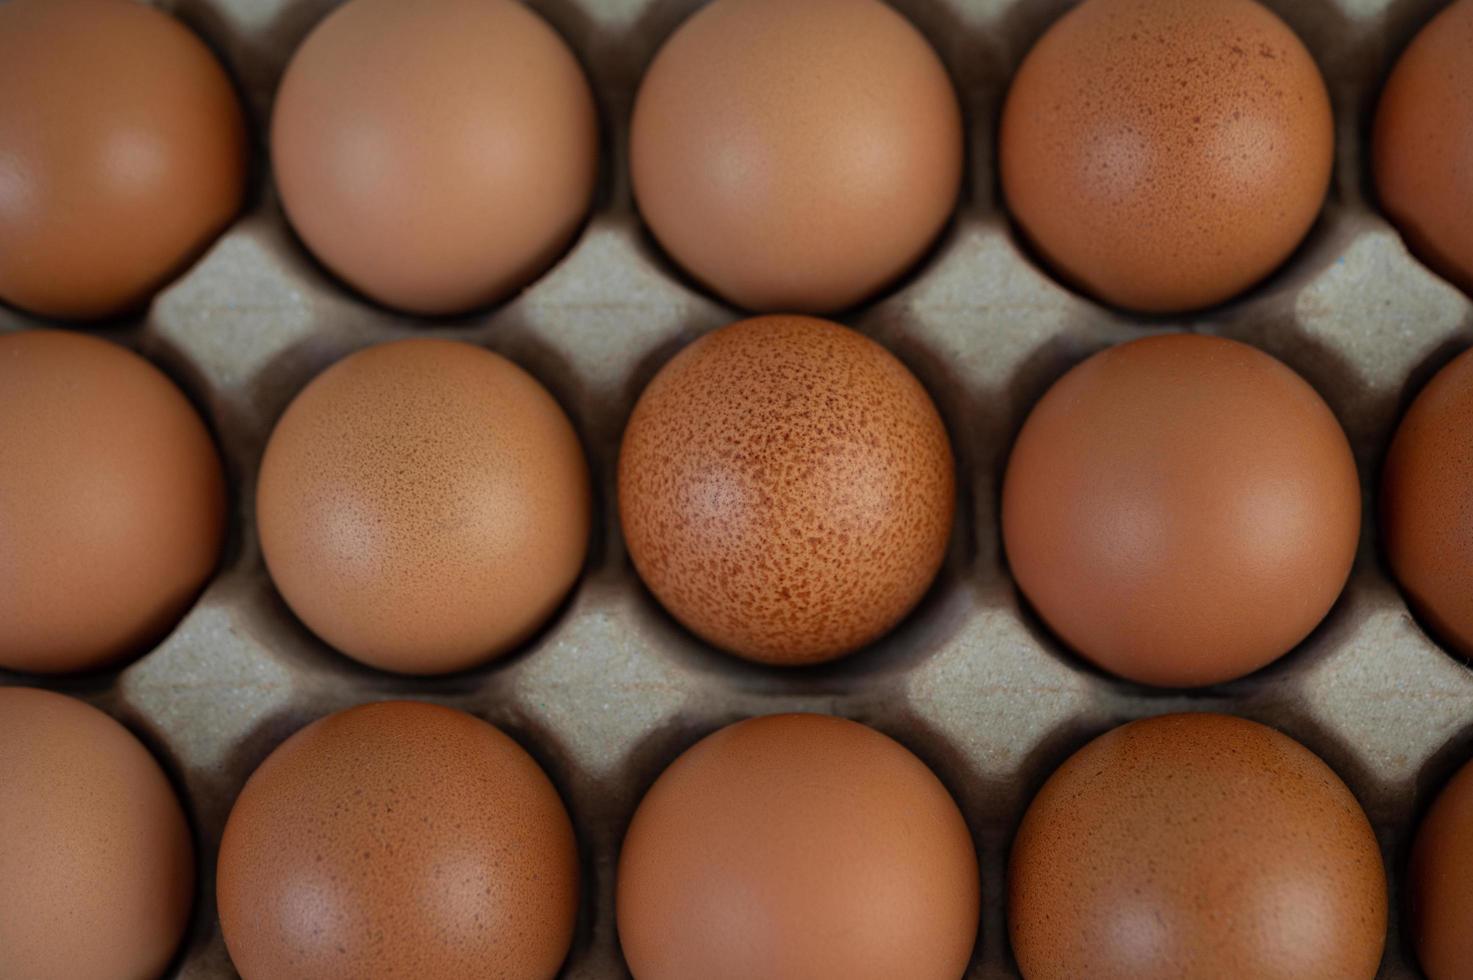 kippeneieren geplaatst op een eierrek foto